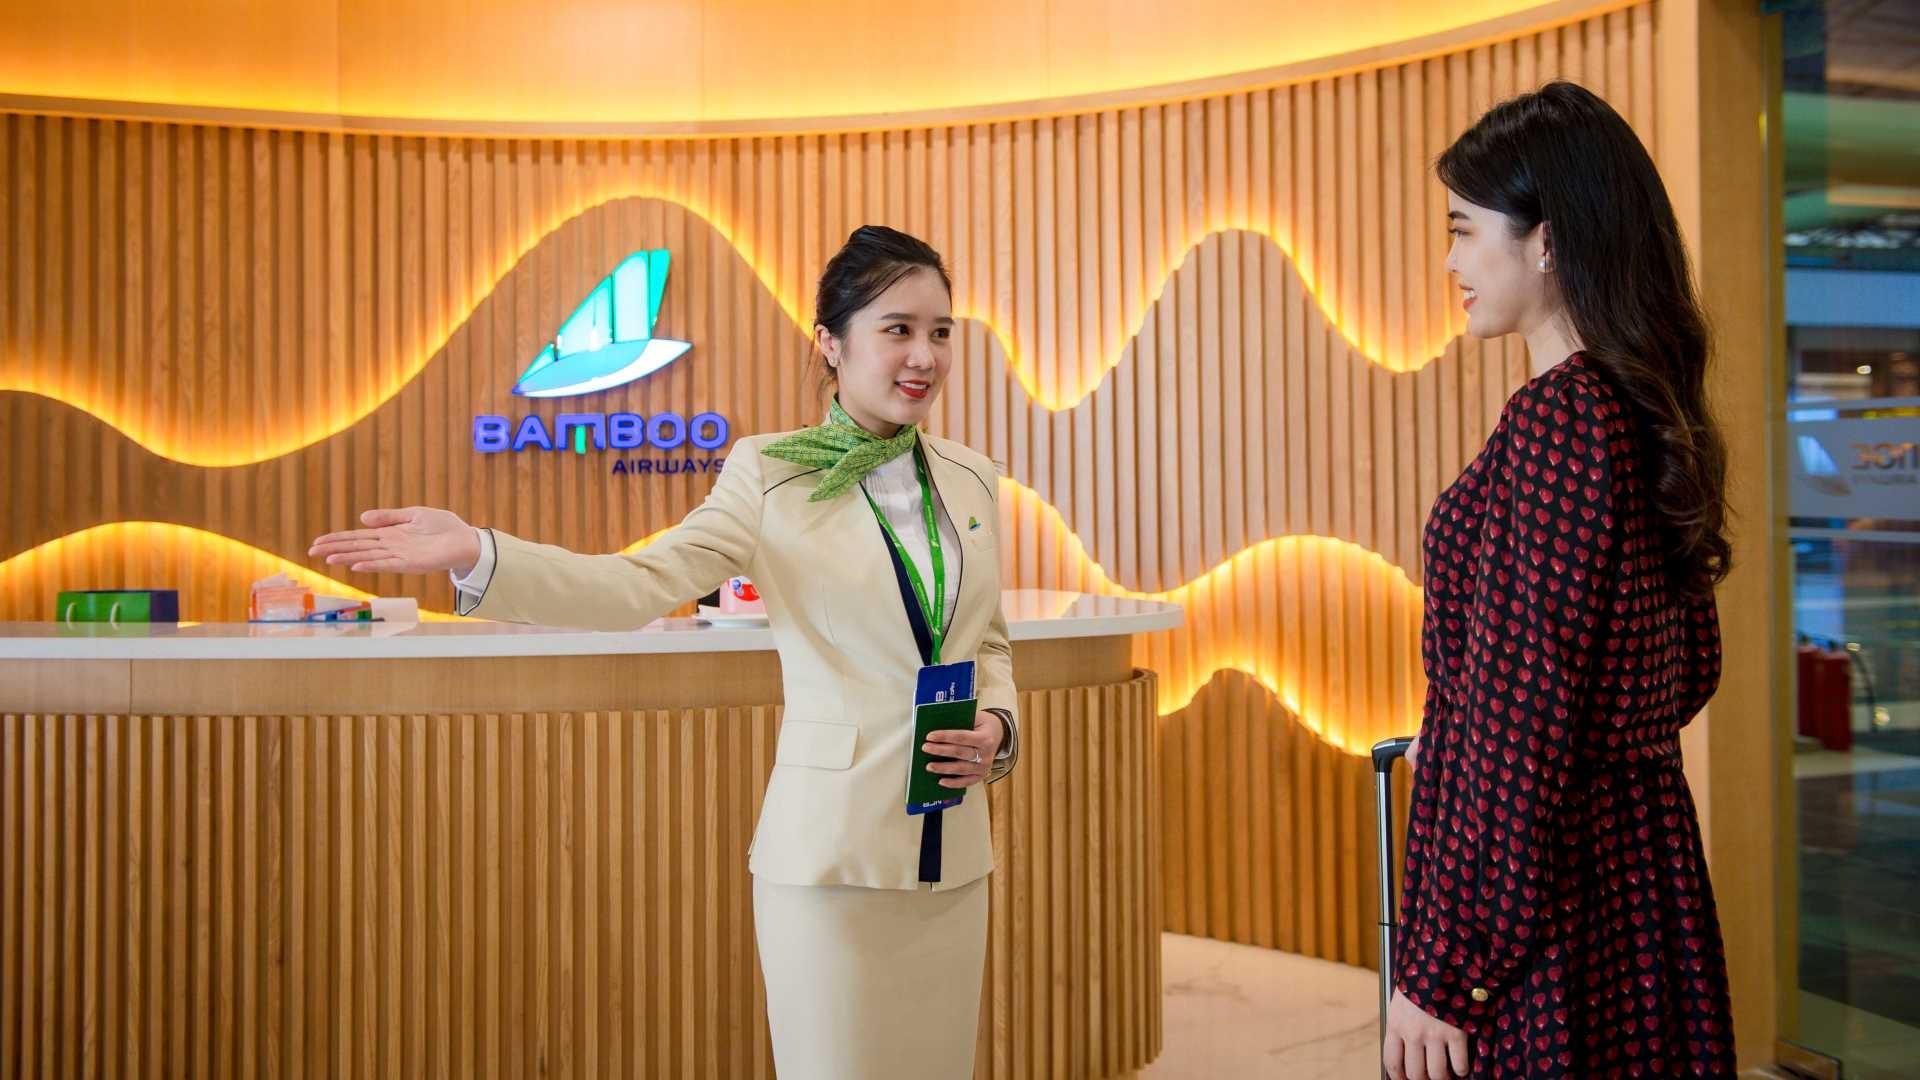 Thêm phòng chờ Thương gia tại Côn Đảo, Bamboo Airways hướng tới mục tiêu sở hữu phòng chờ 5 sao